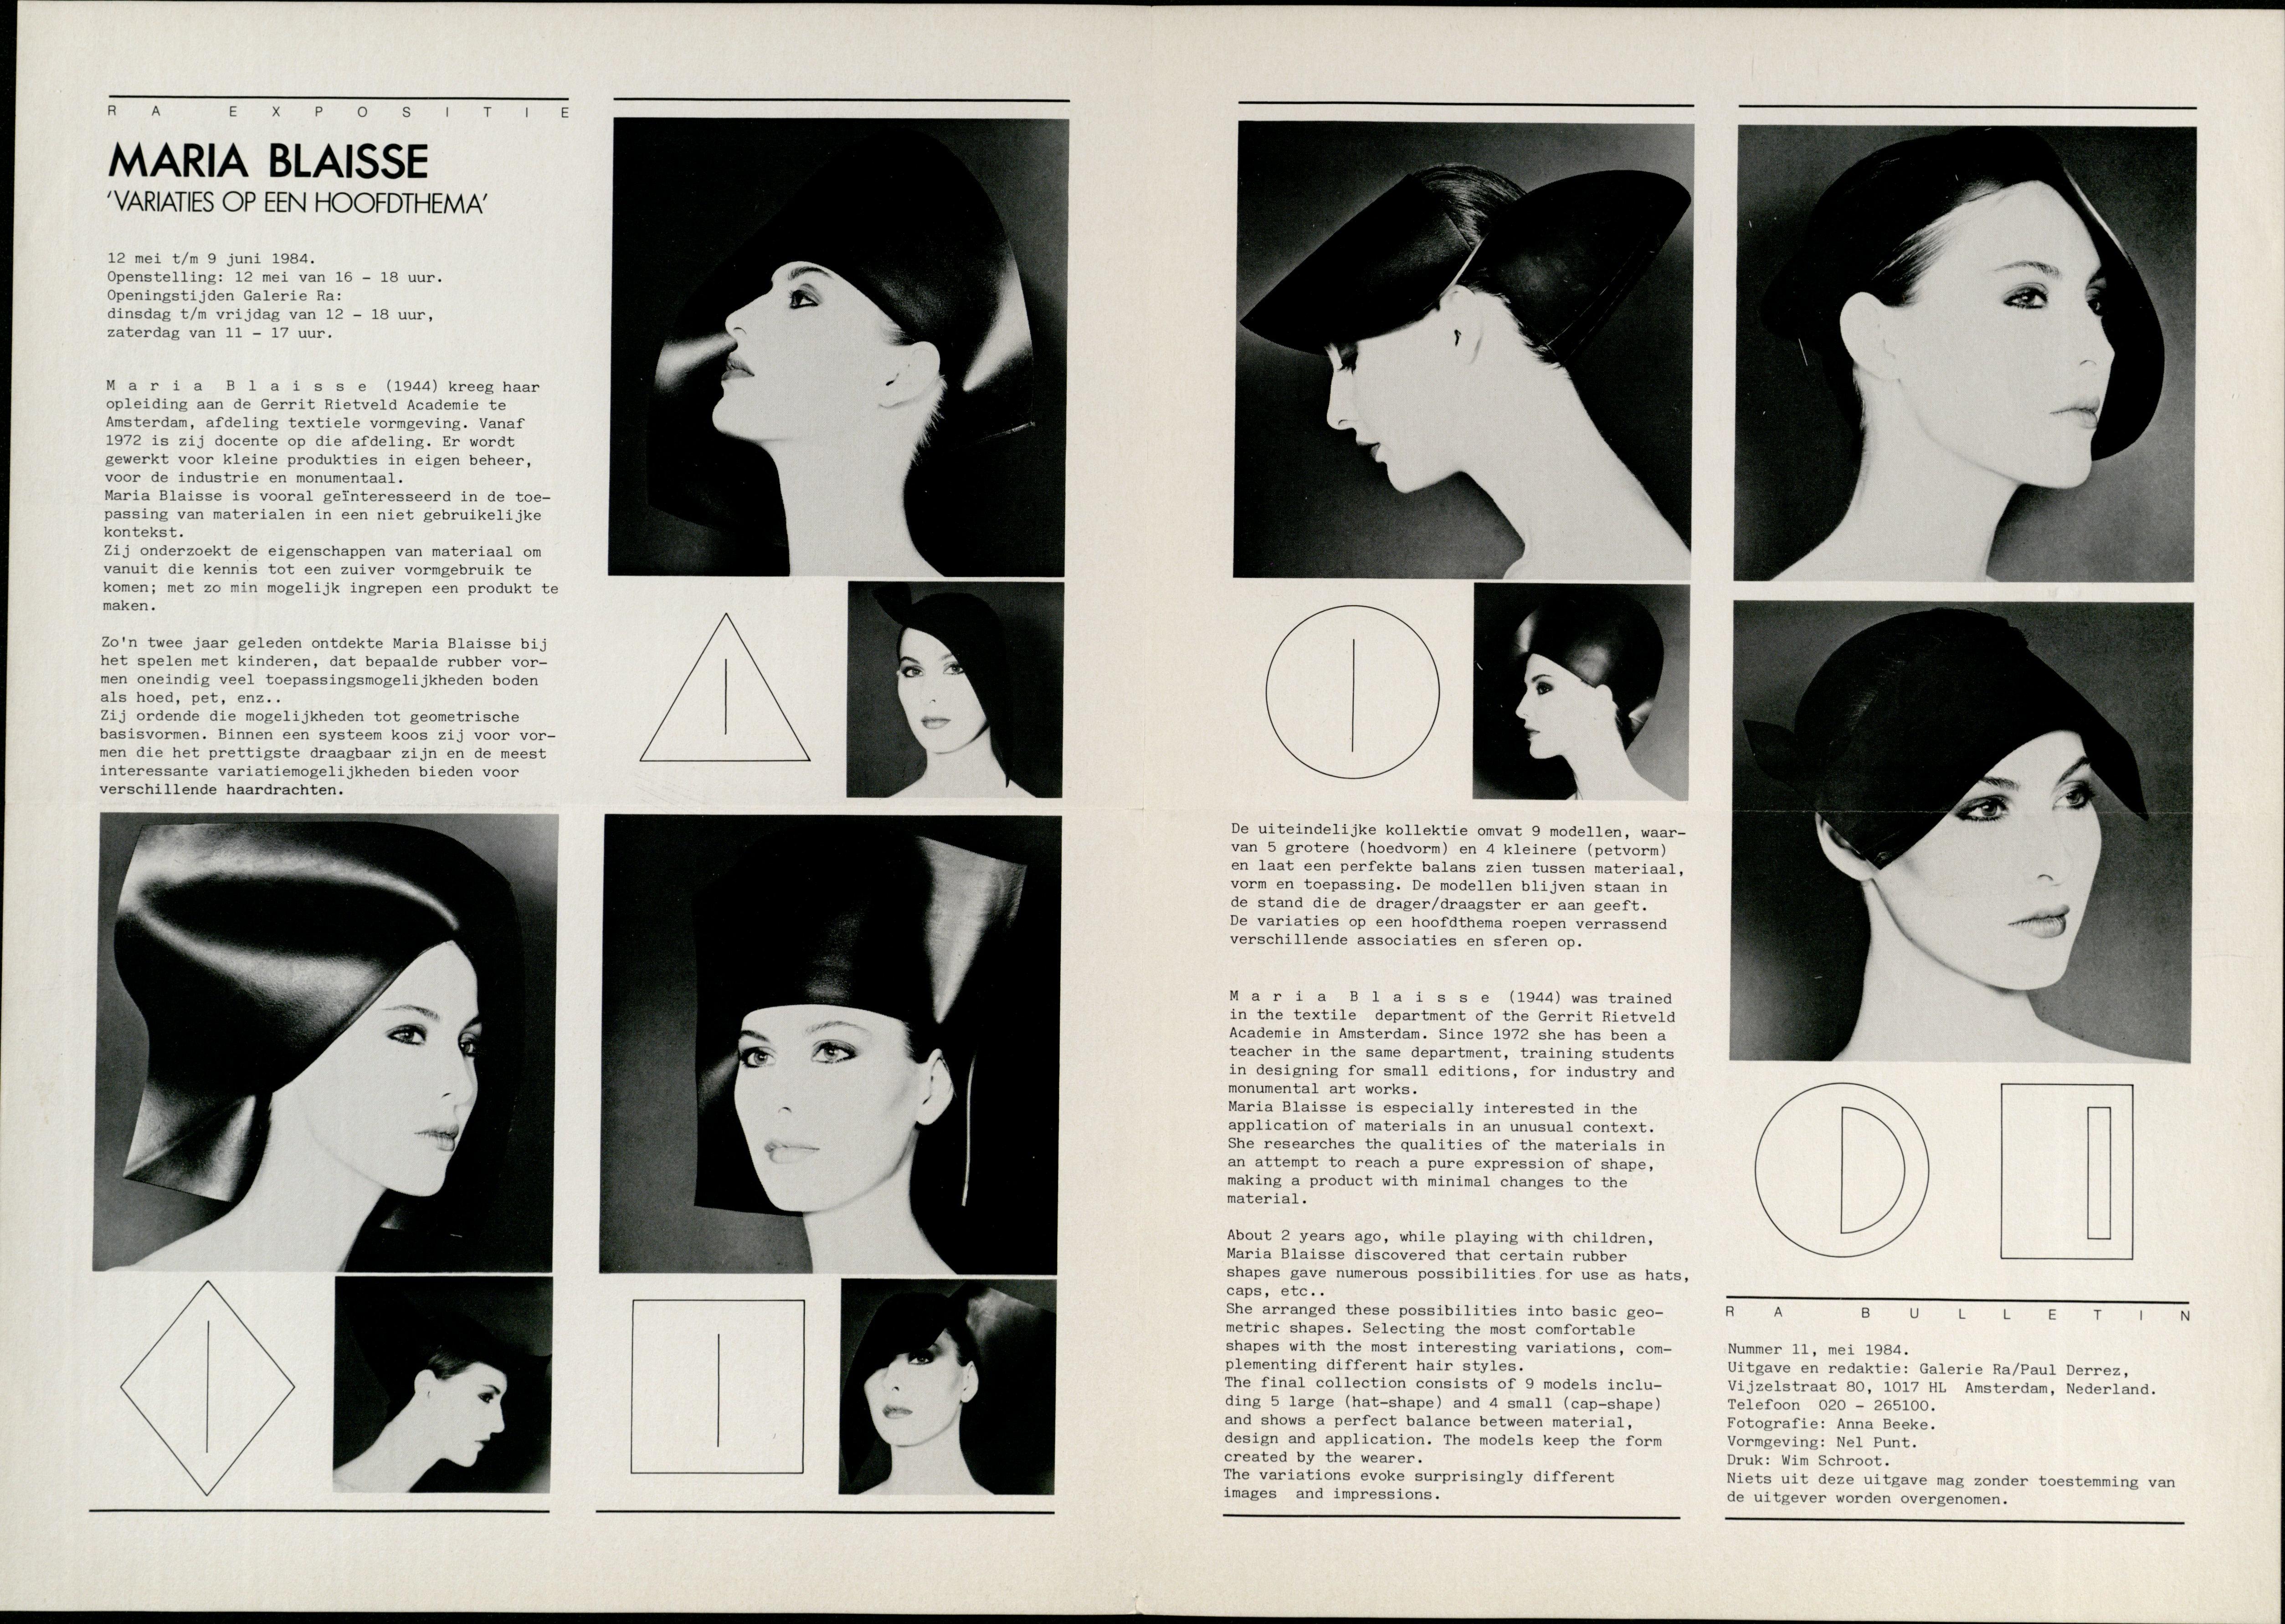 Ra Bulletin 11, mei 1984, achterzijde met tekst en foto's van Anna Beeke, Maria Blaisse, hoofddeksels